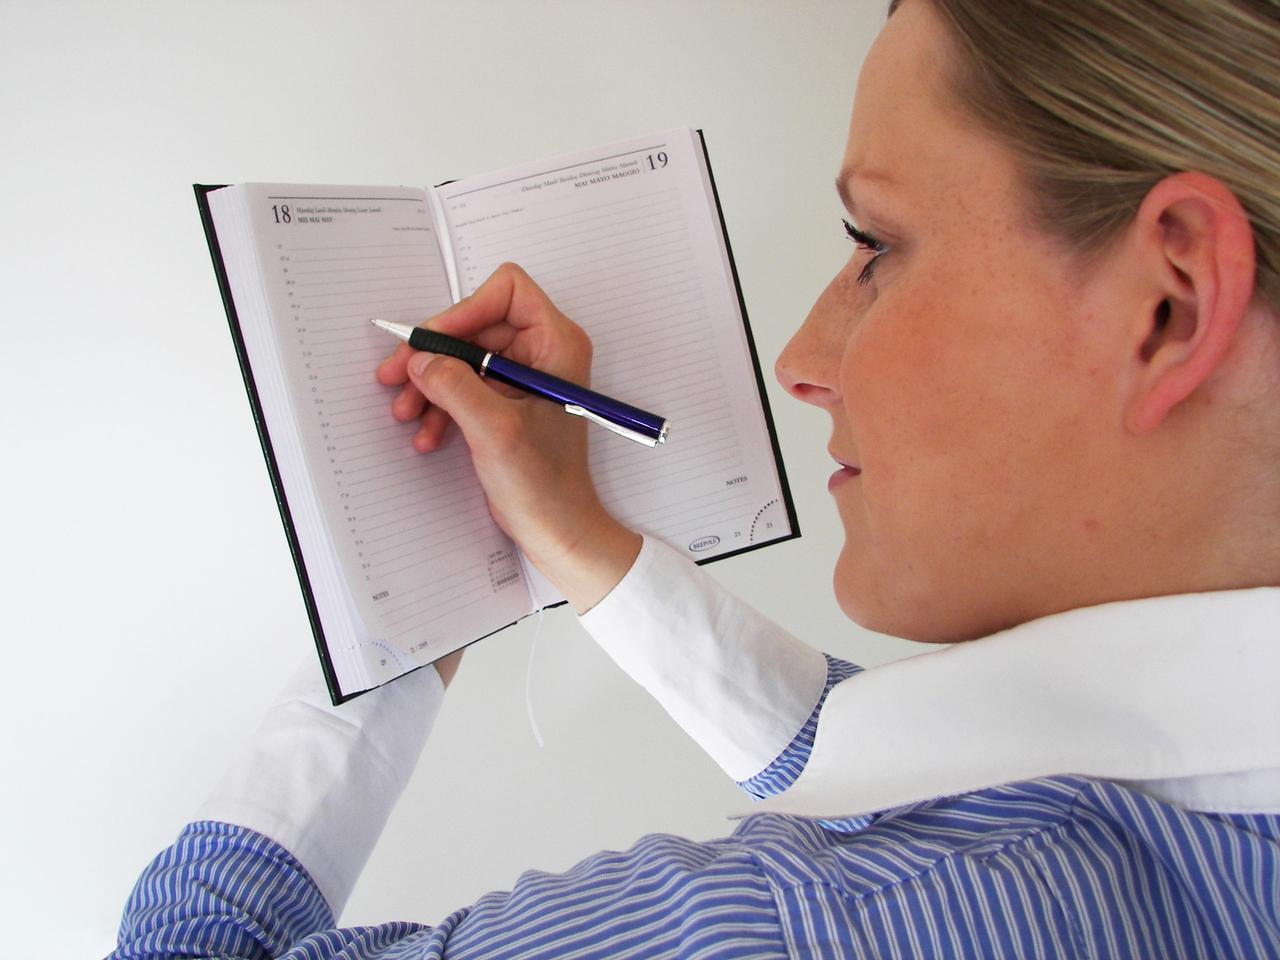 woman-writing-in-the-agenda-1236996-1280x960